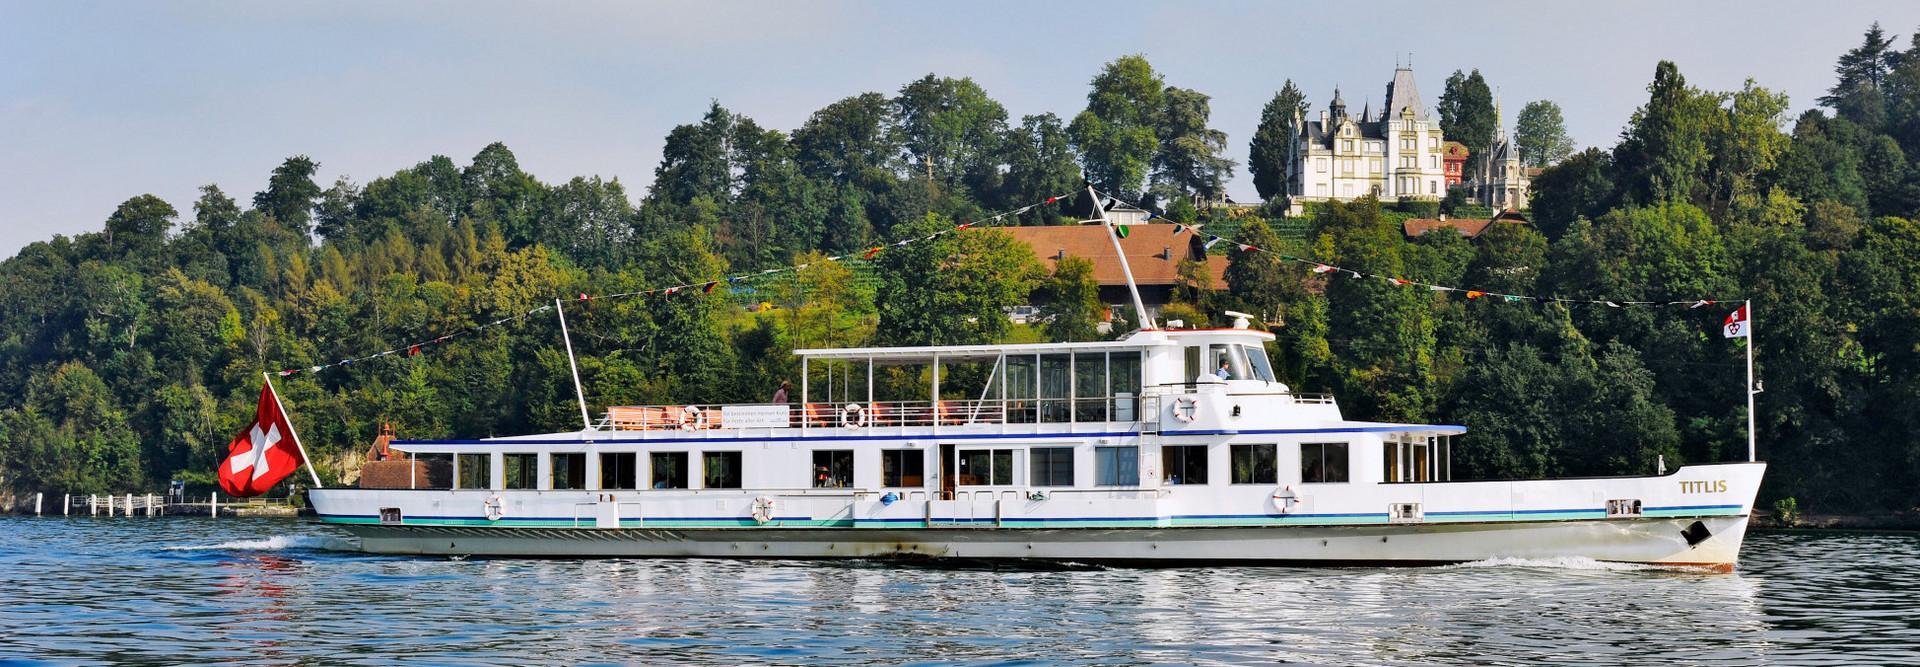 Le bateau à moteur Titlis navigue par beau temps sur le lac des Quatre-Cantons.